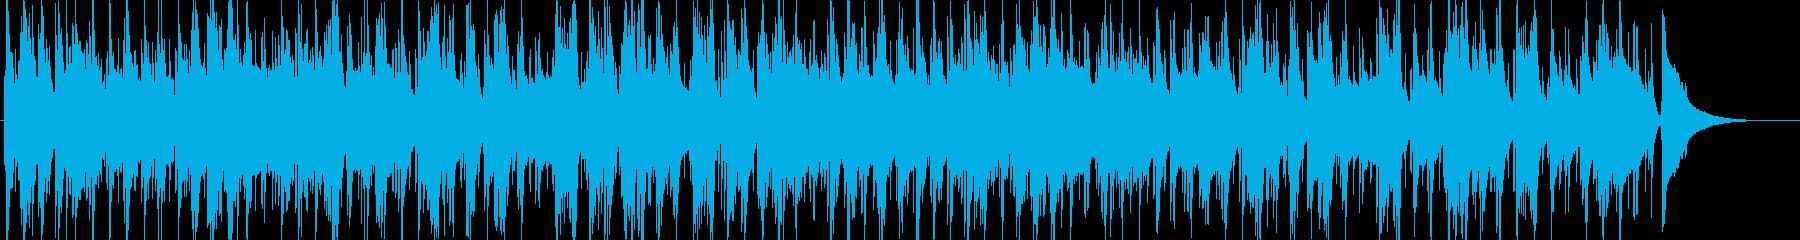 ゆったりとしたjazz=カフェ-トリオの再生済みの波形